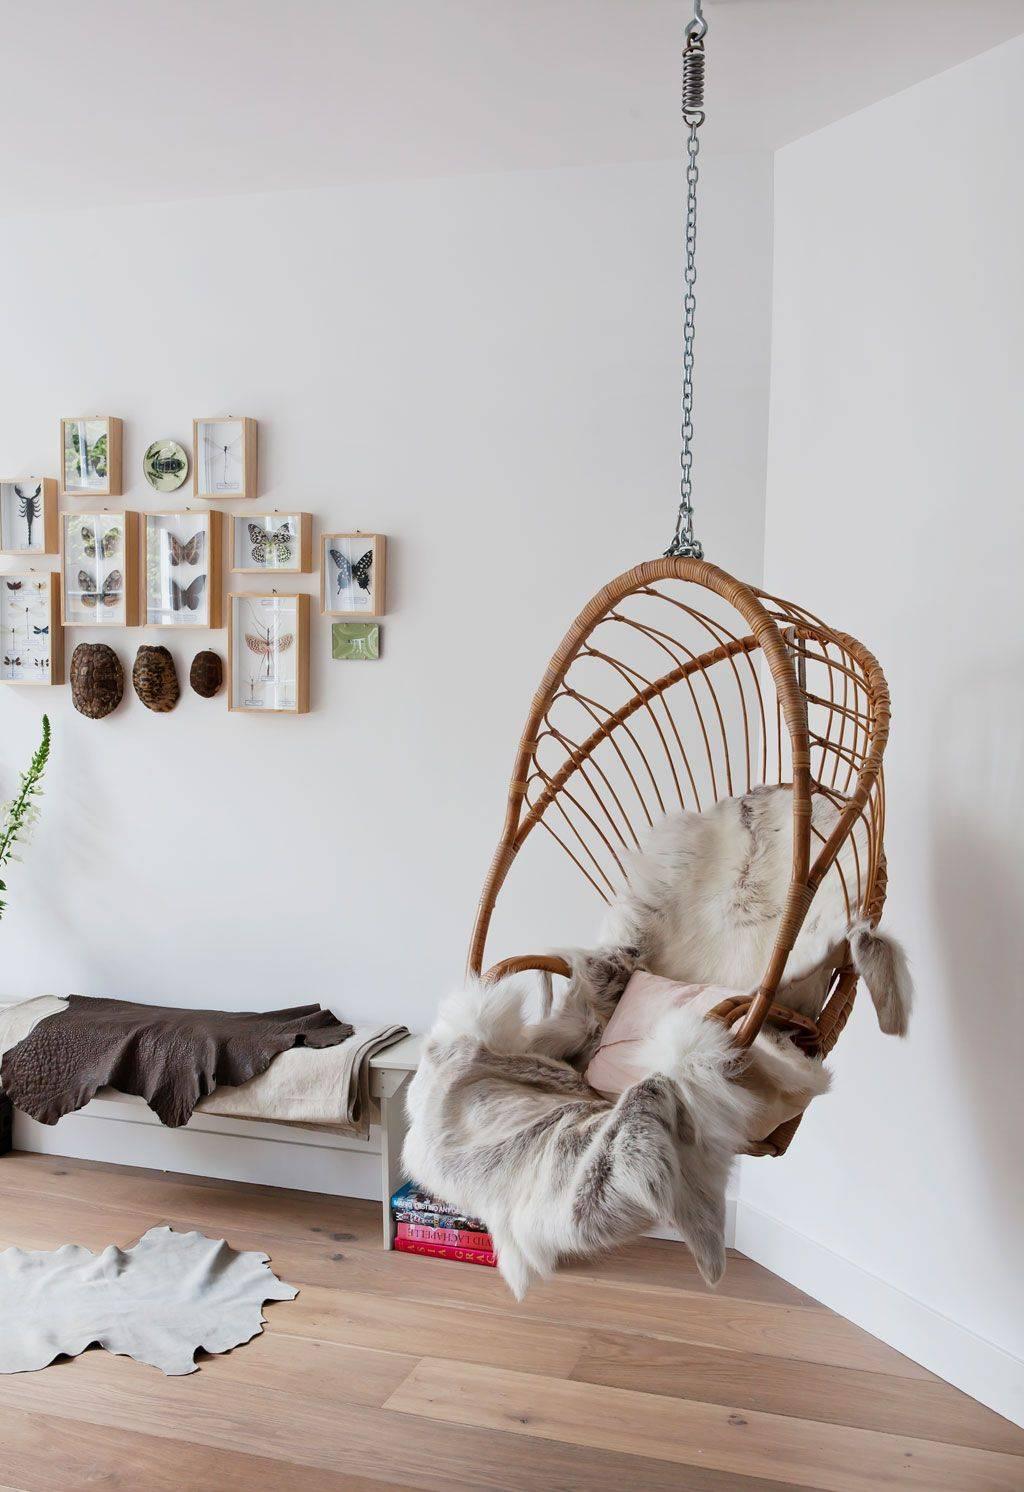 Подвесное кресло своими руками — обзор моделей, виды, варианты дизайна и подробная инструкция постройки (105 фото)